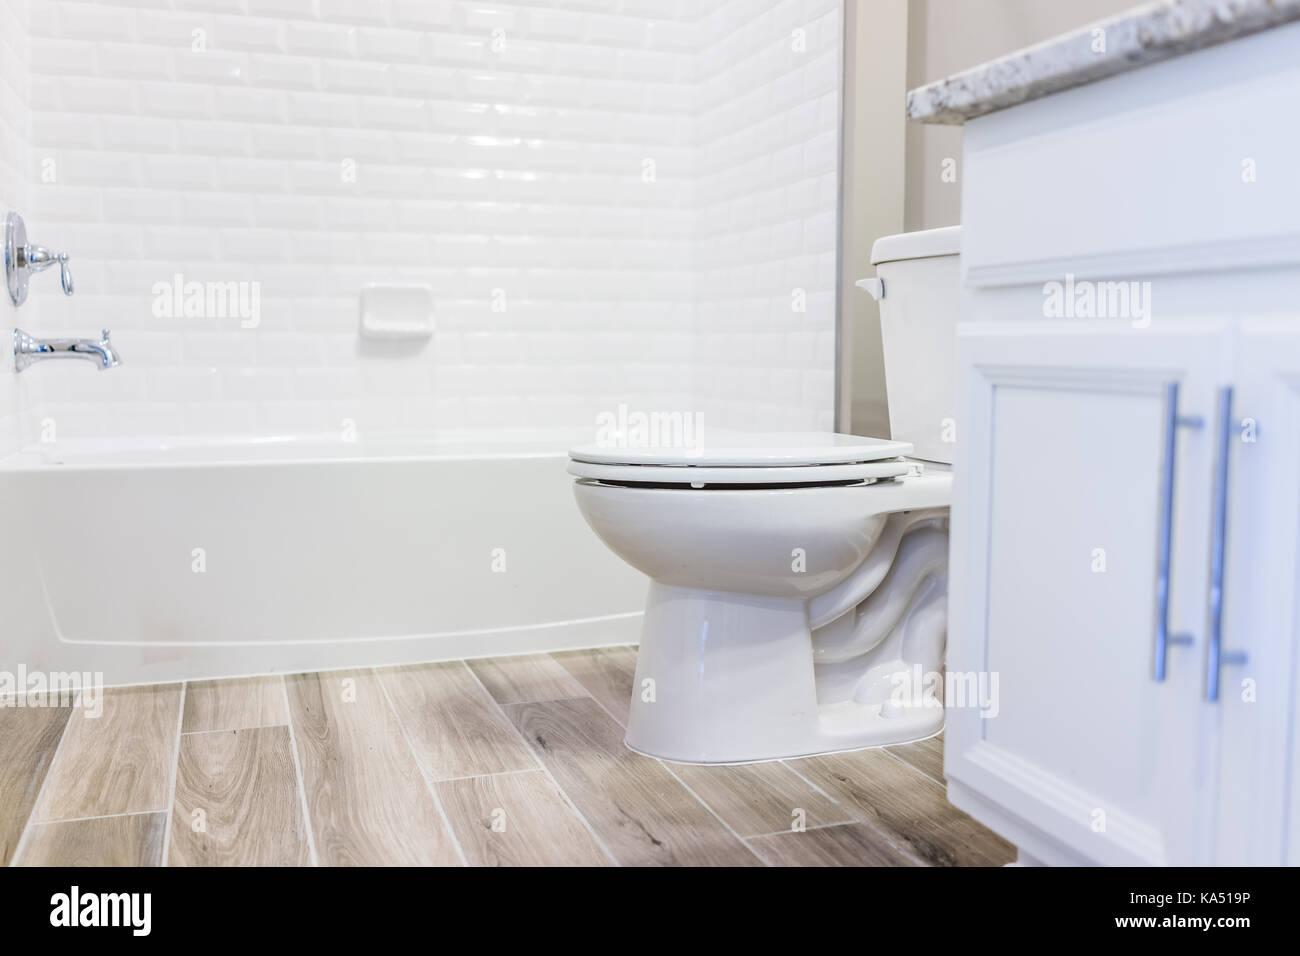 Modernes Weisses Normalpapier Saubere Wc Badezimmer Badewanne Mit